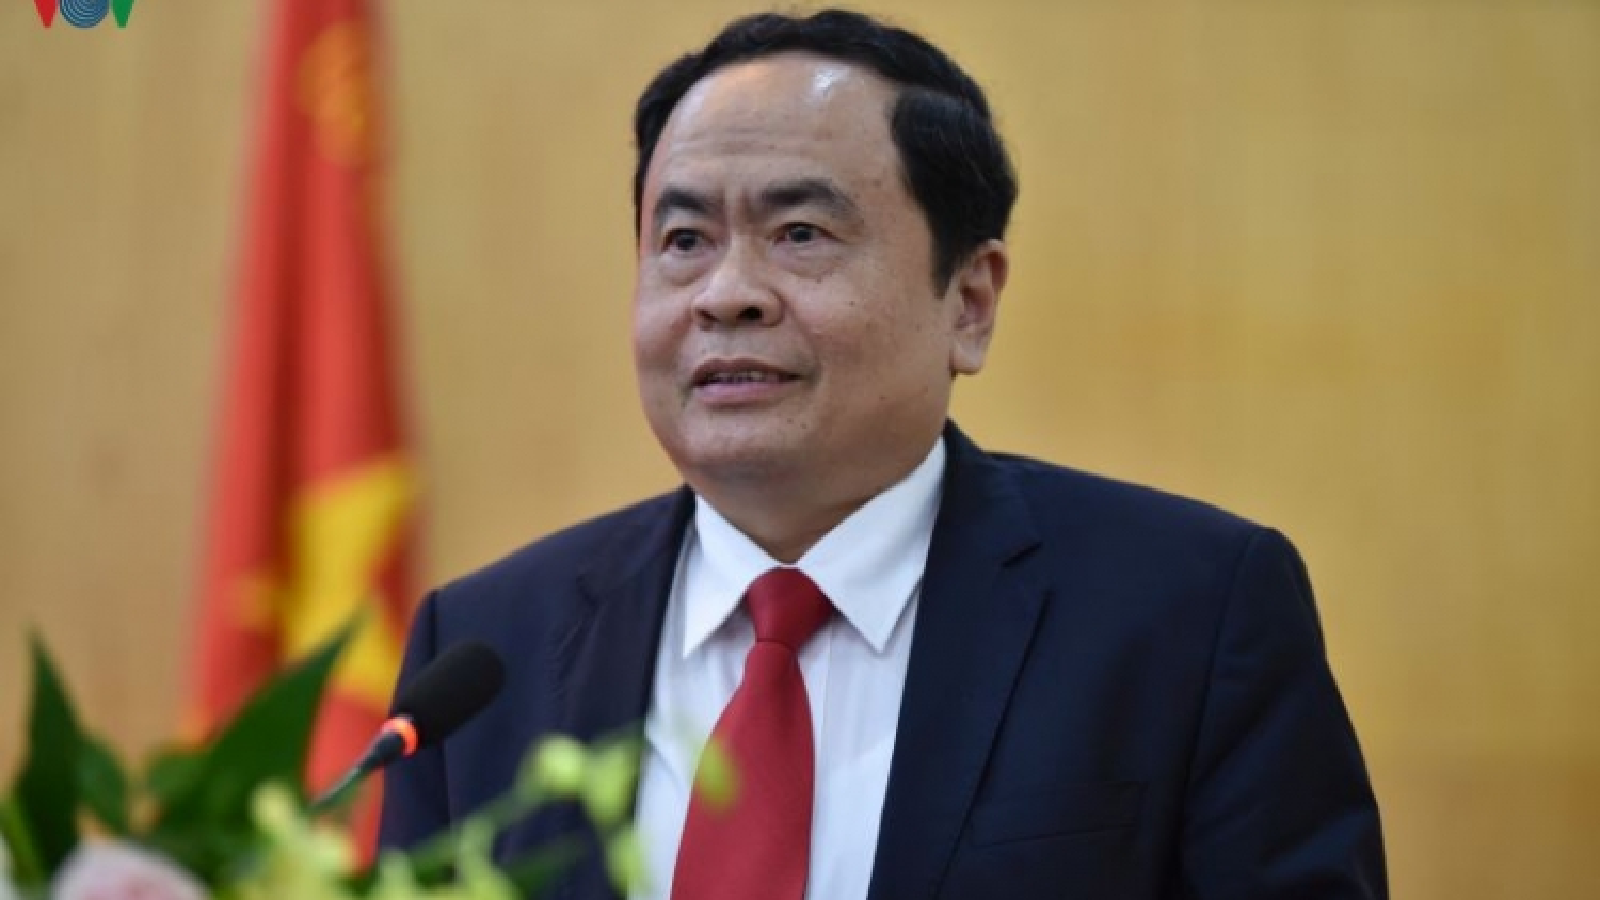 Chủ tịch MTTQ Việt Nam gửi thư chúc mừng Đại lễ Phật đản 2020